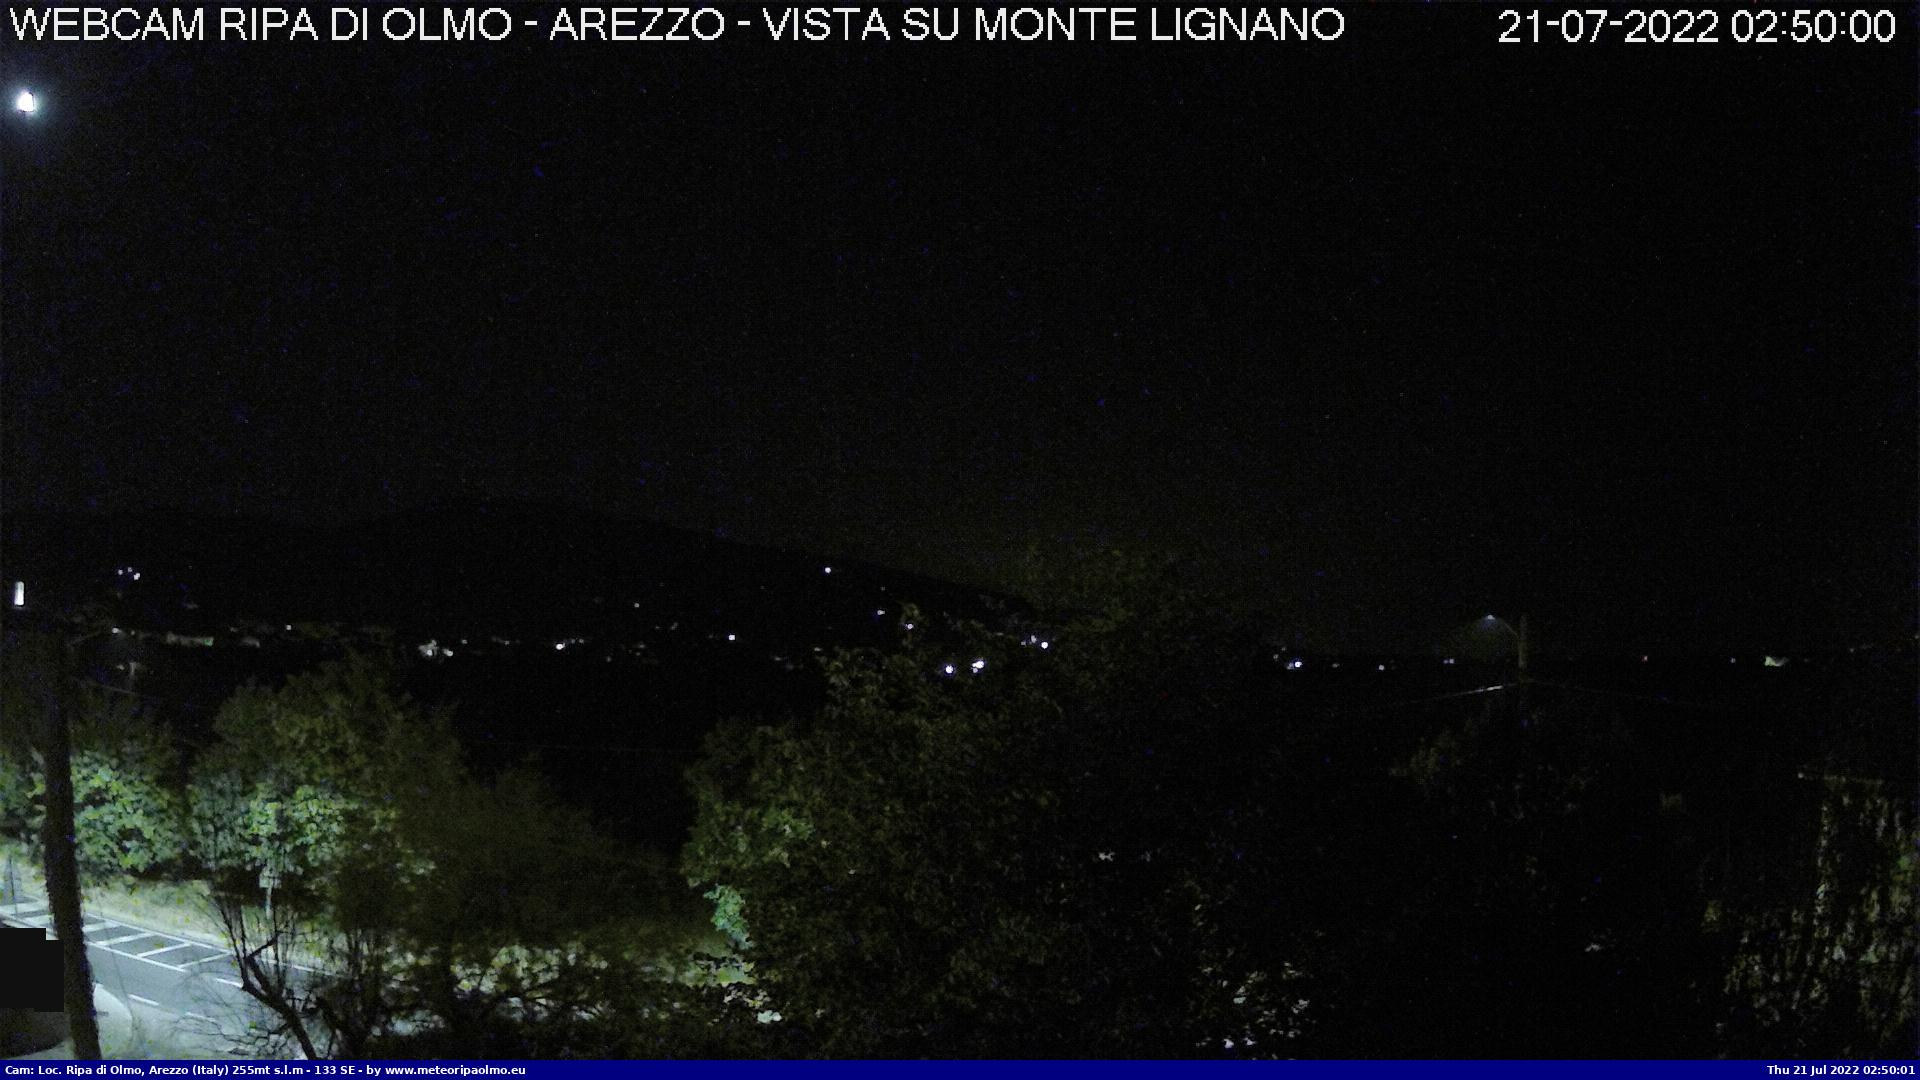 Arezzo, Loc. Ripa di Olmo